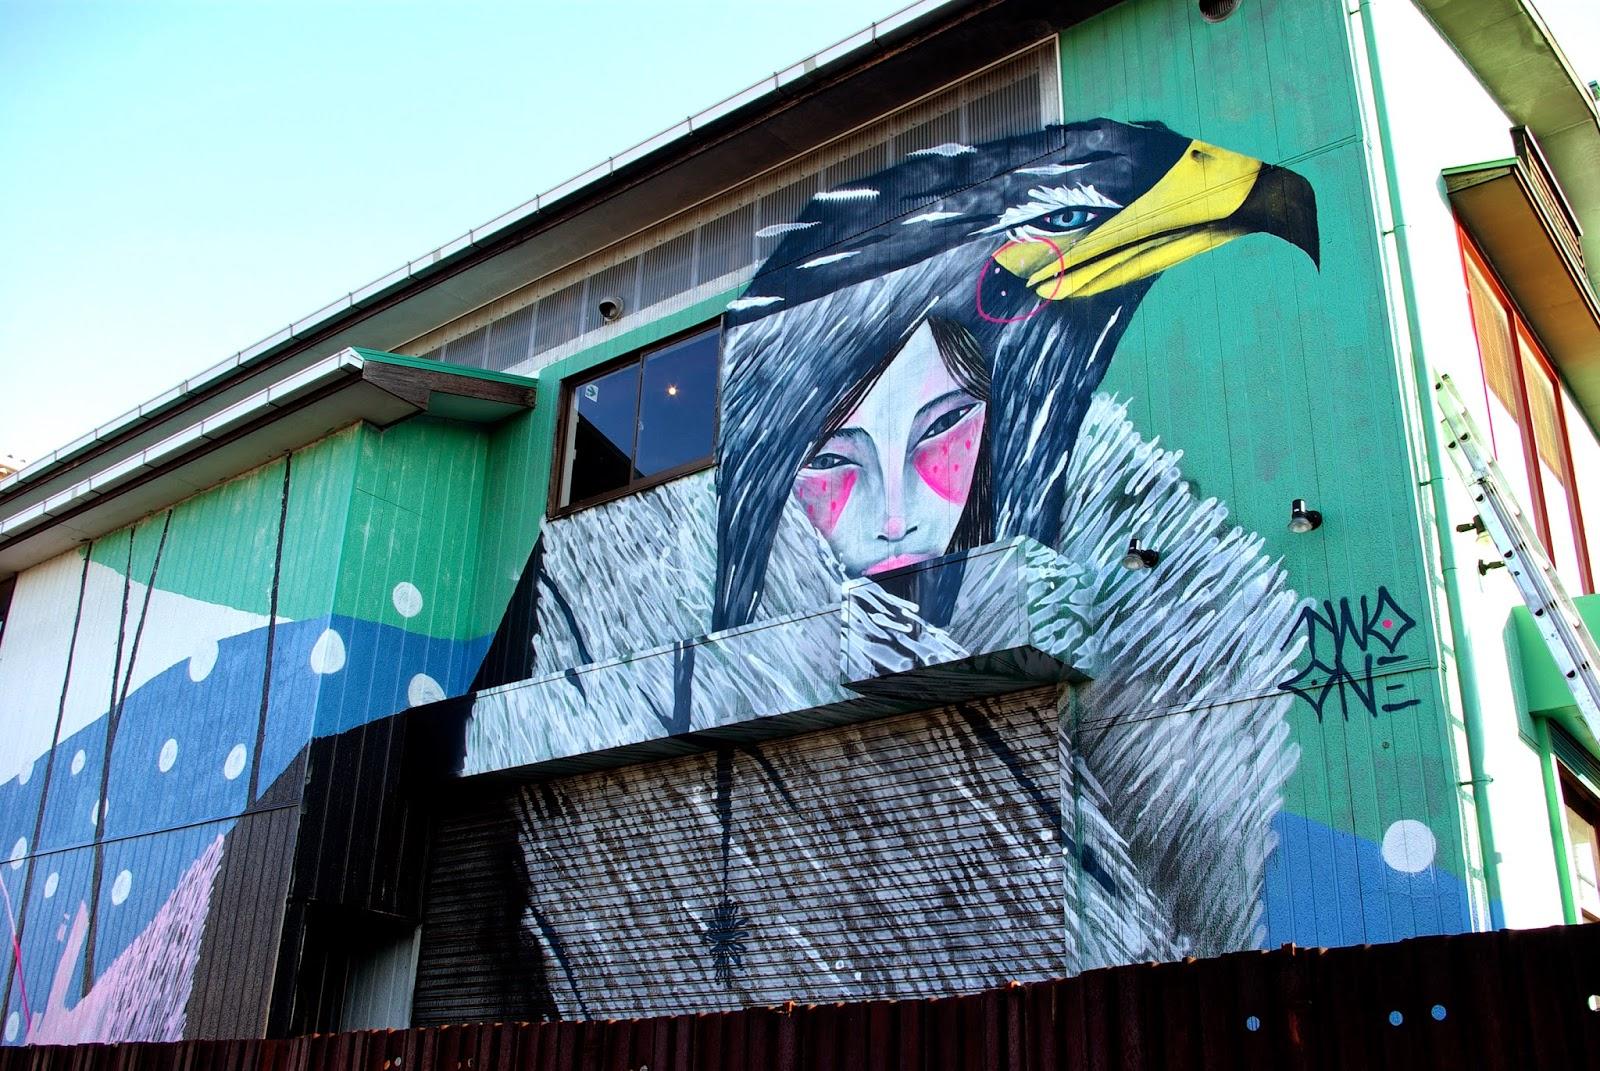 twoone-a-series-of-murals-in-nagoya-japan-02